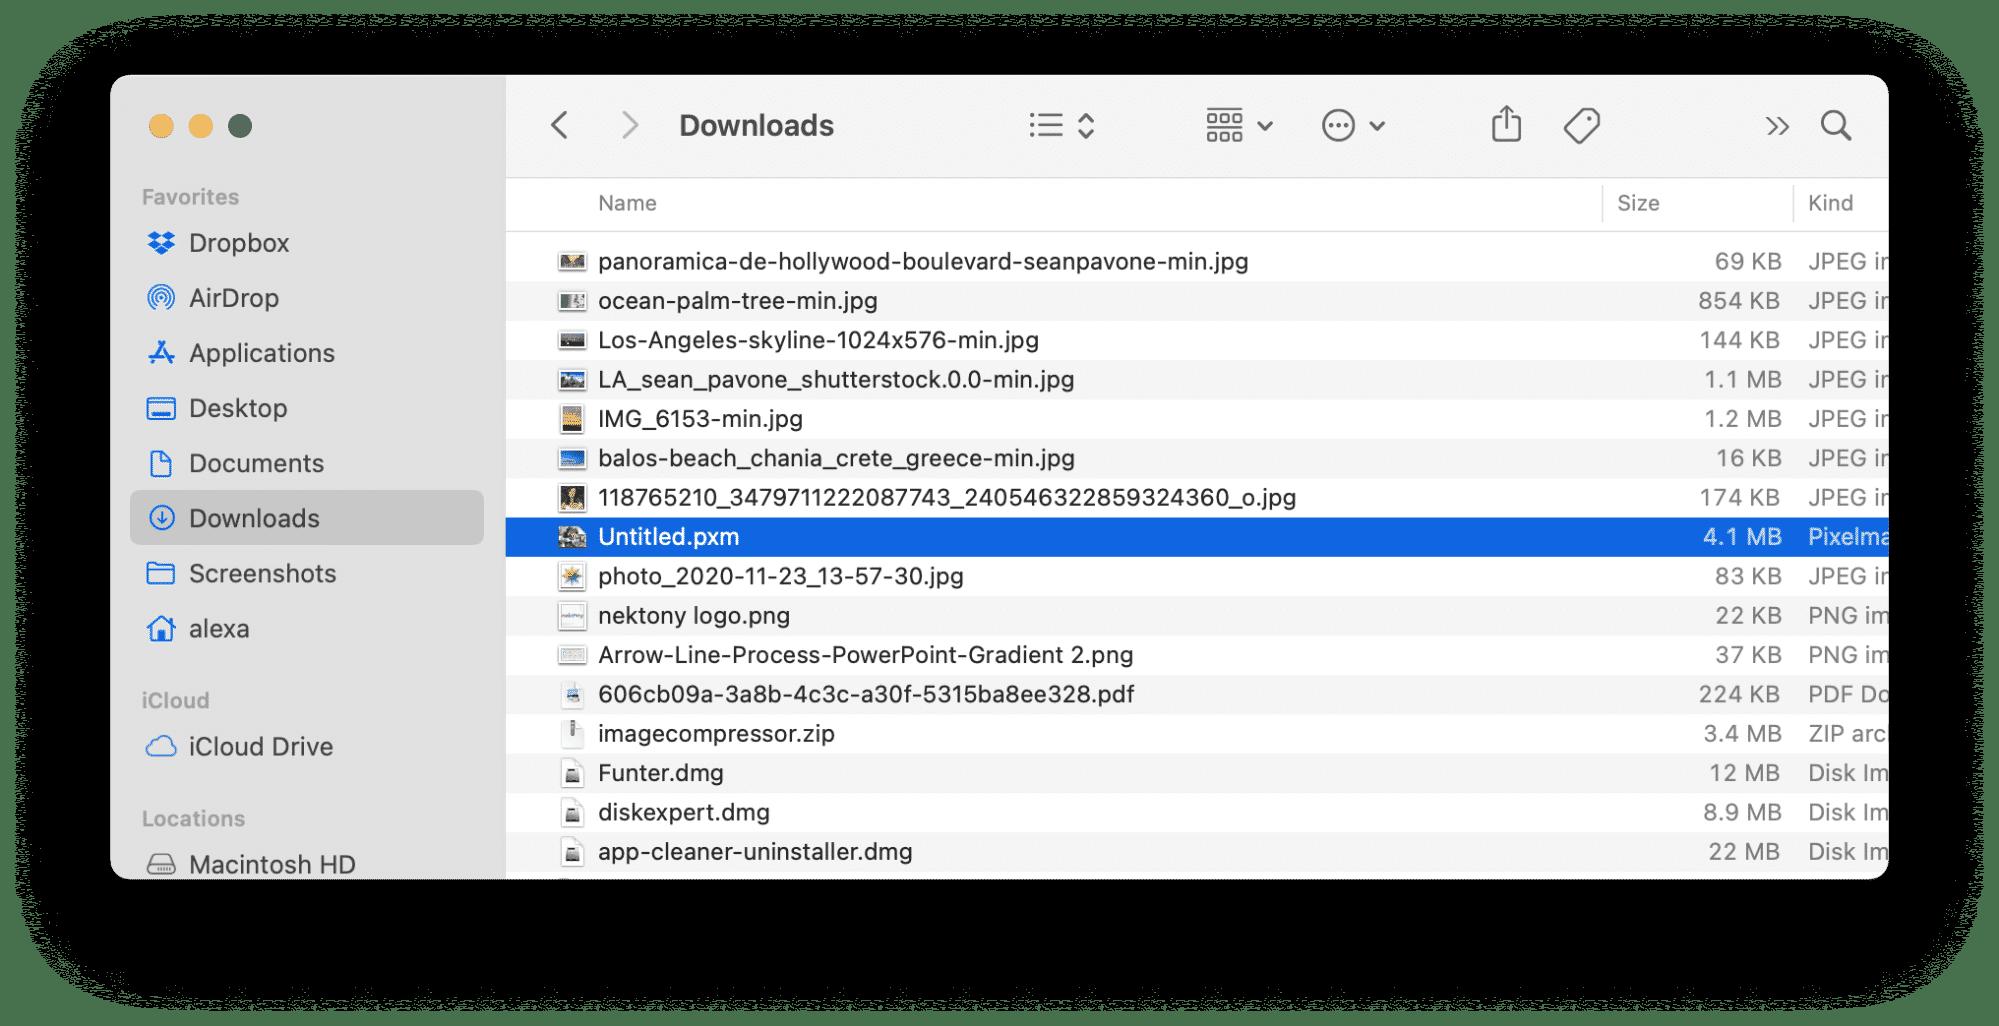 Downloads folder in Finder